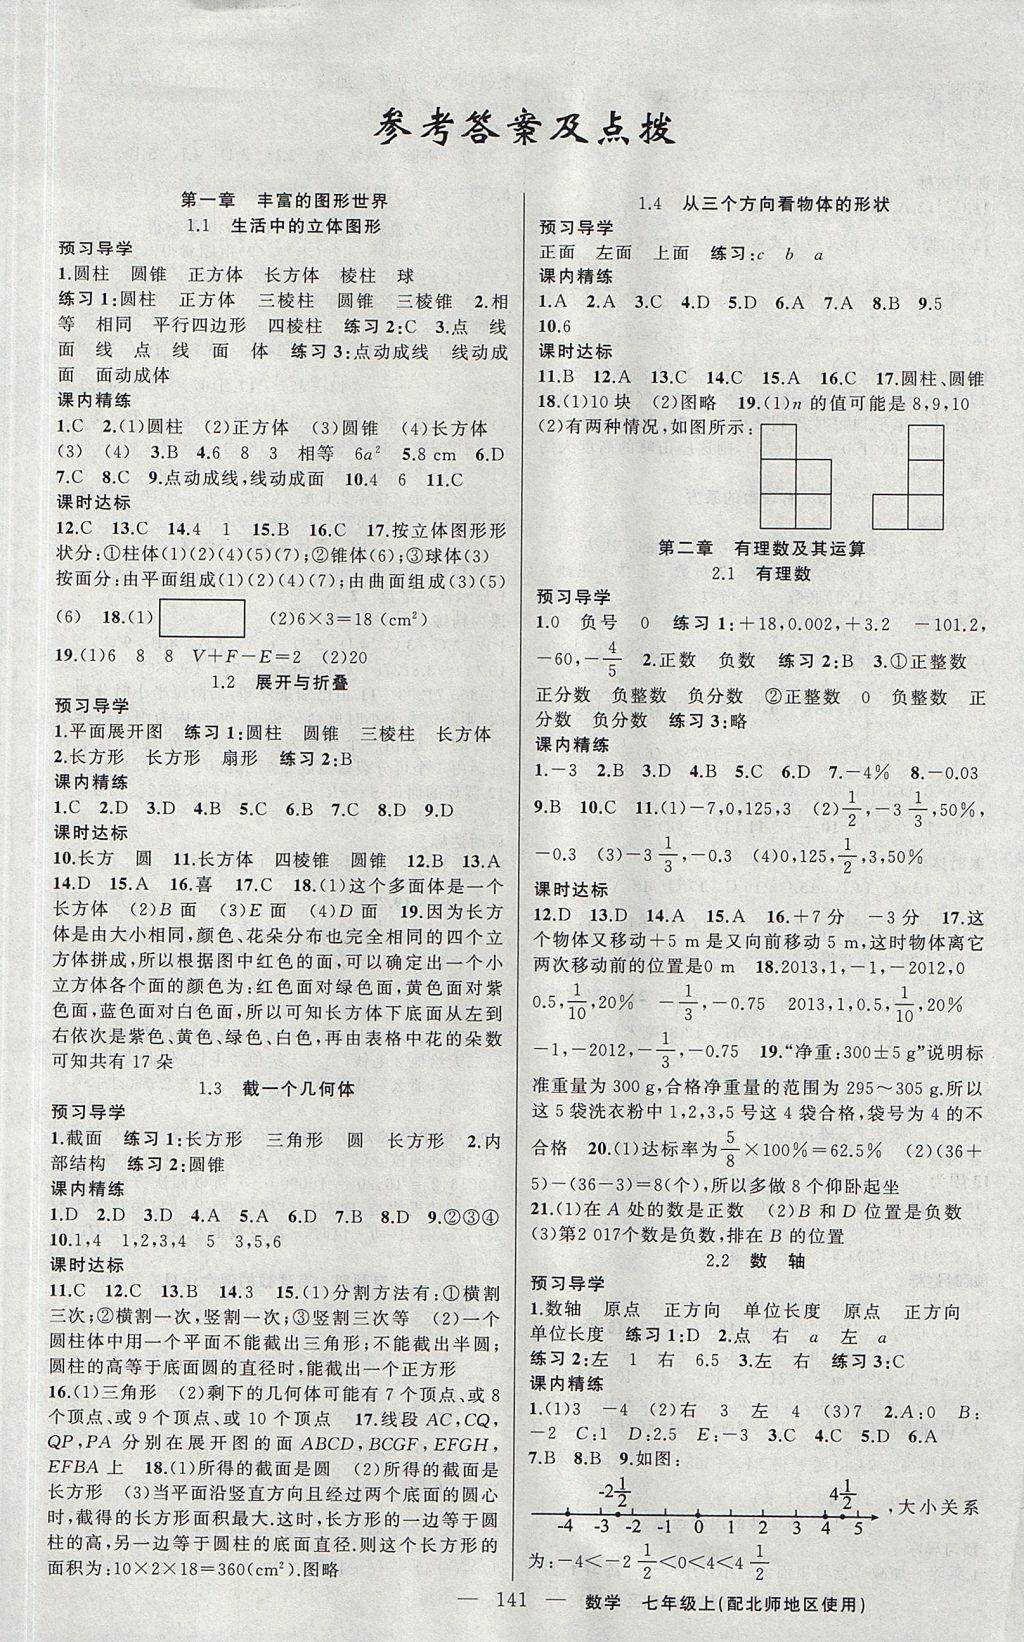 【練闖考】2016年秋七年級數學下冊 1.2.1 有理數習題課件 (新版)新人教版